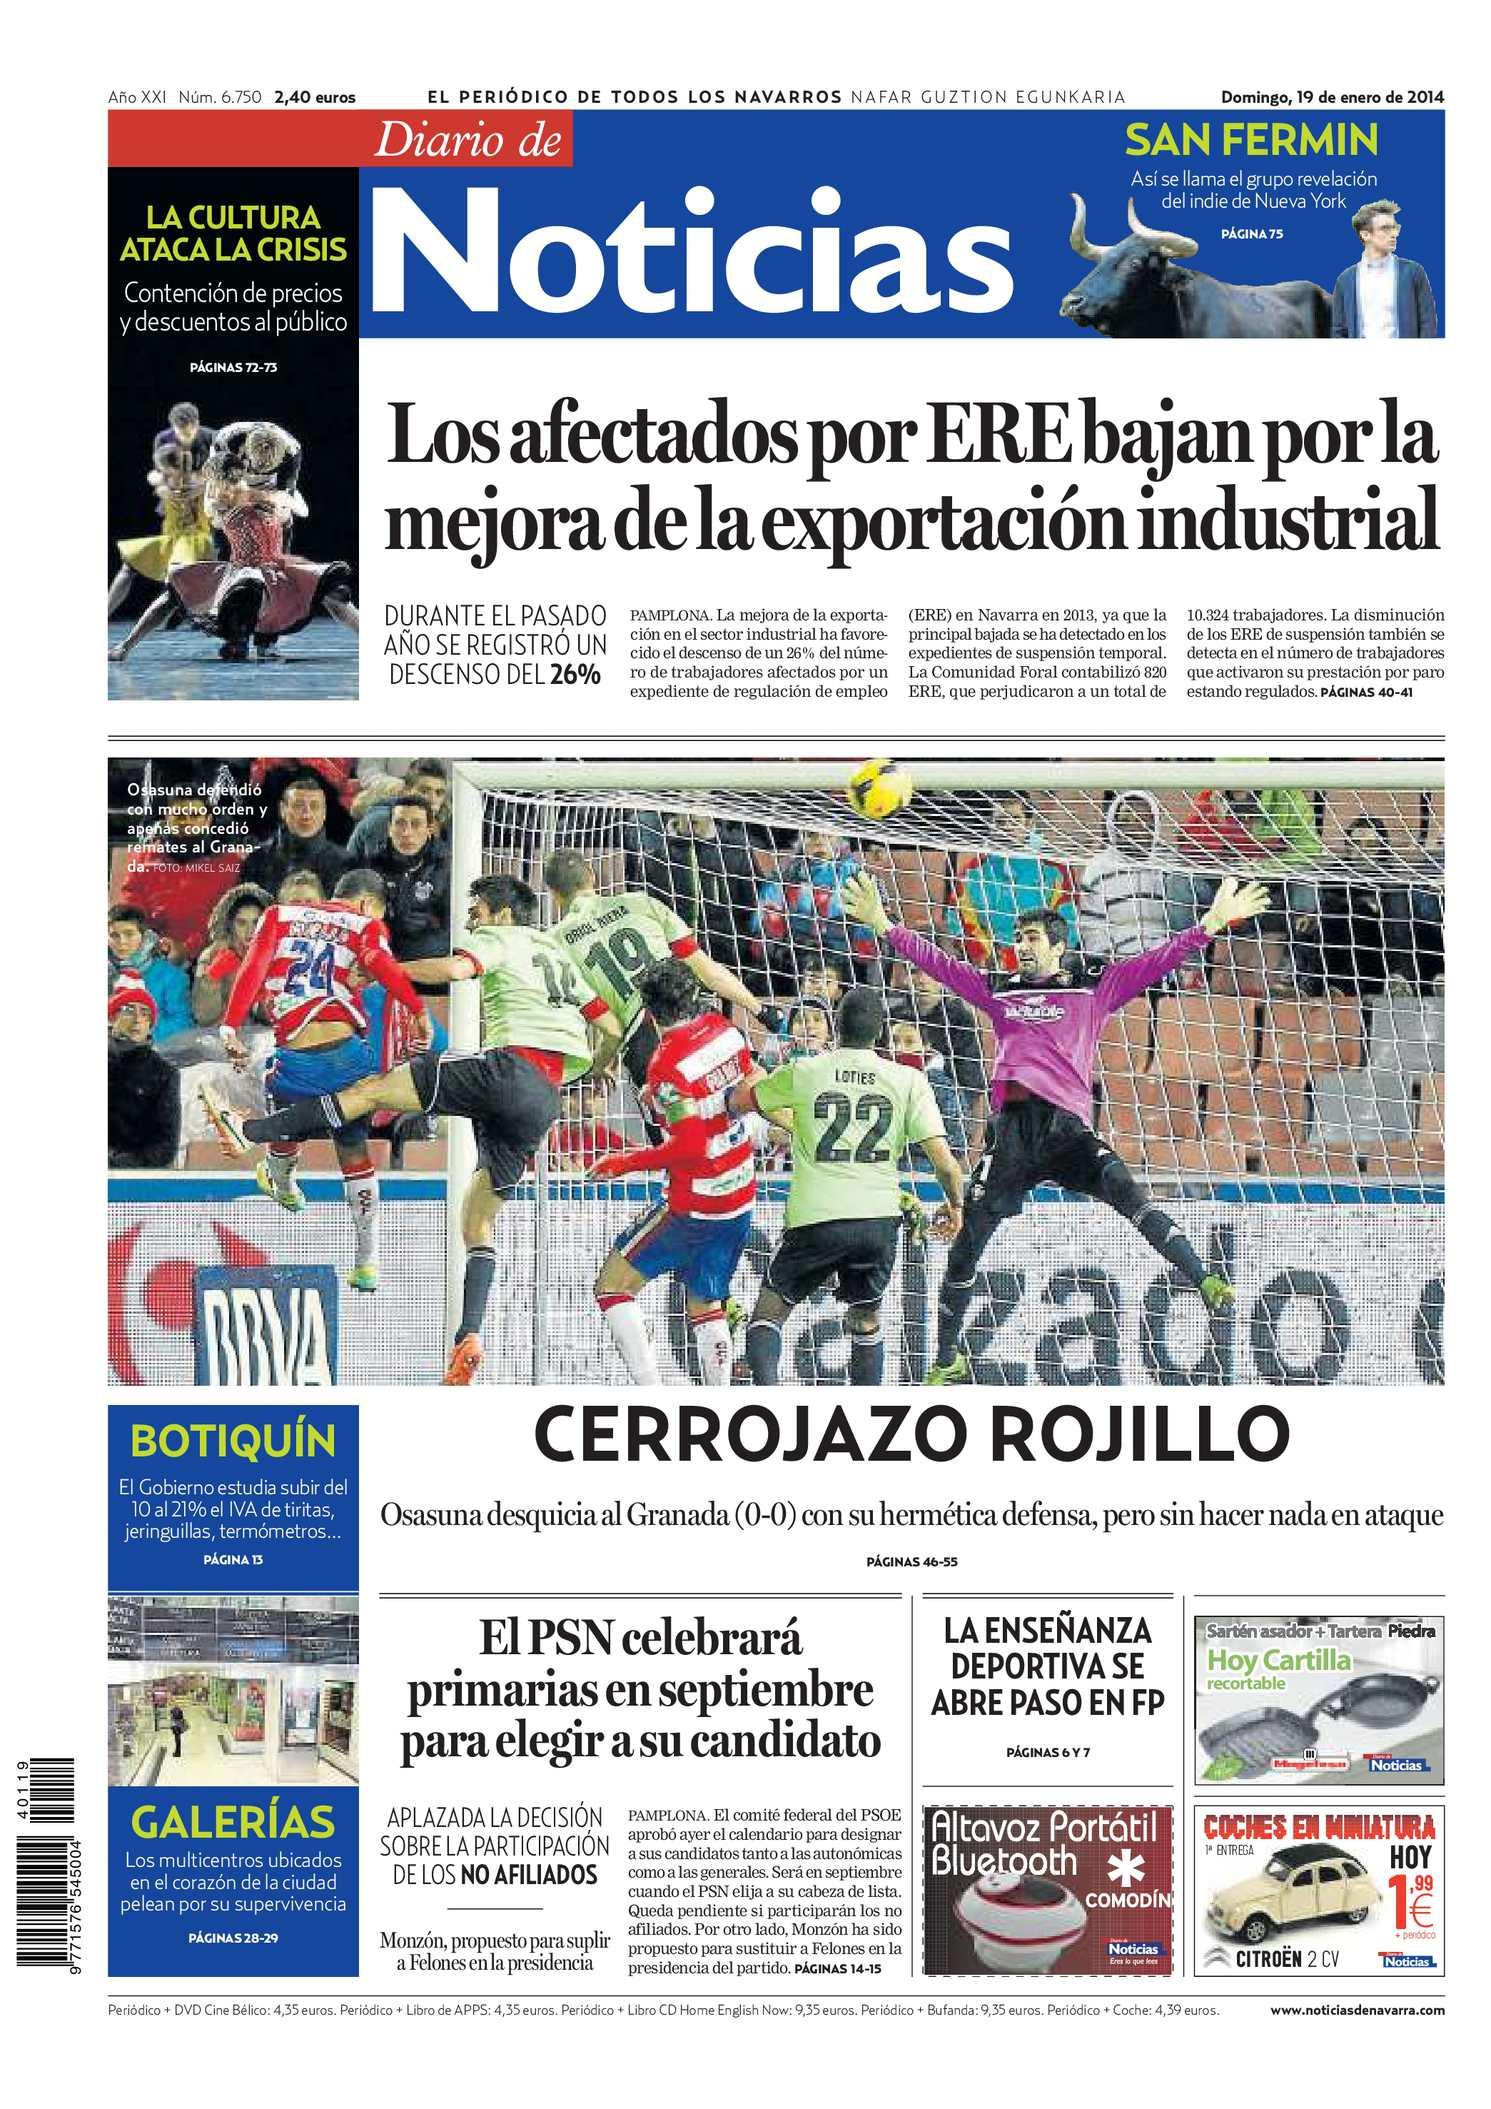 Calaméo - Diario de Noticias 20140119